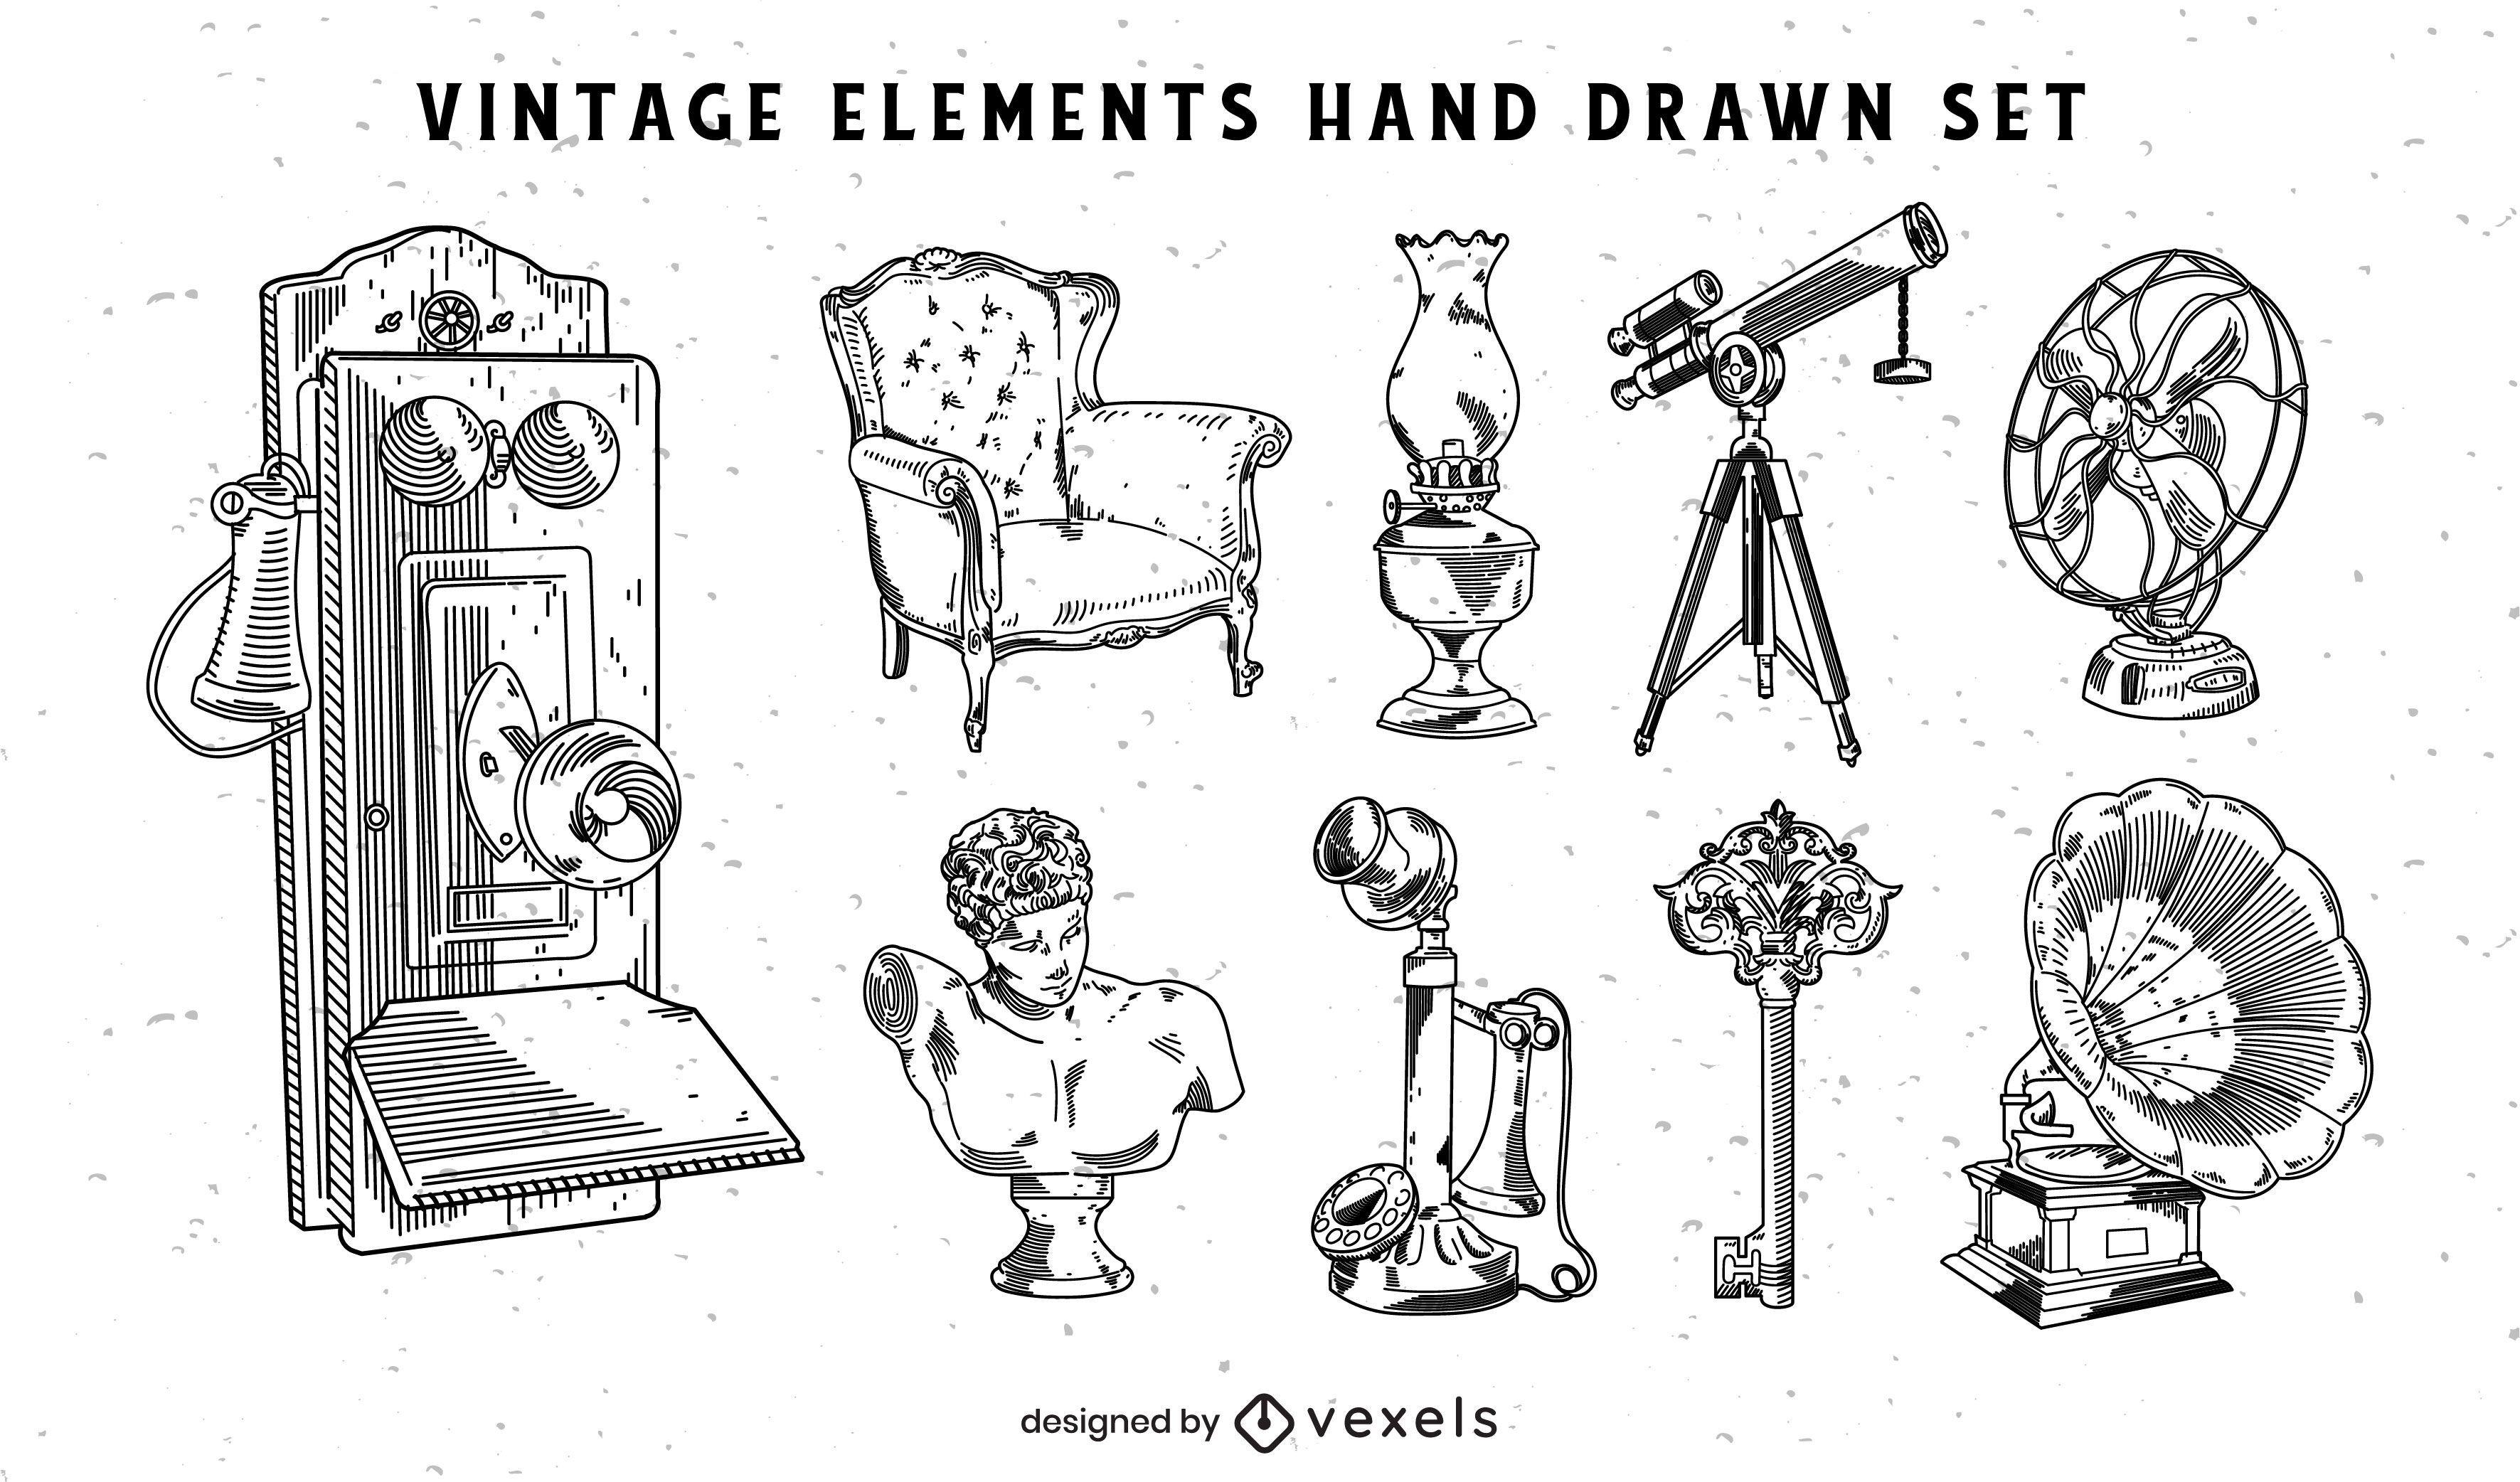 Objetos vintage desenhados à mão